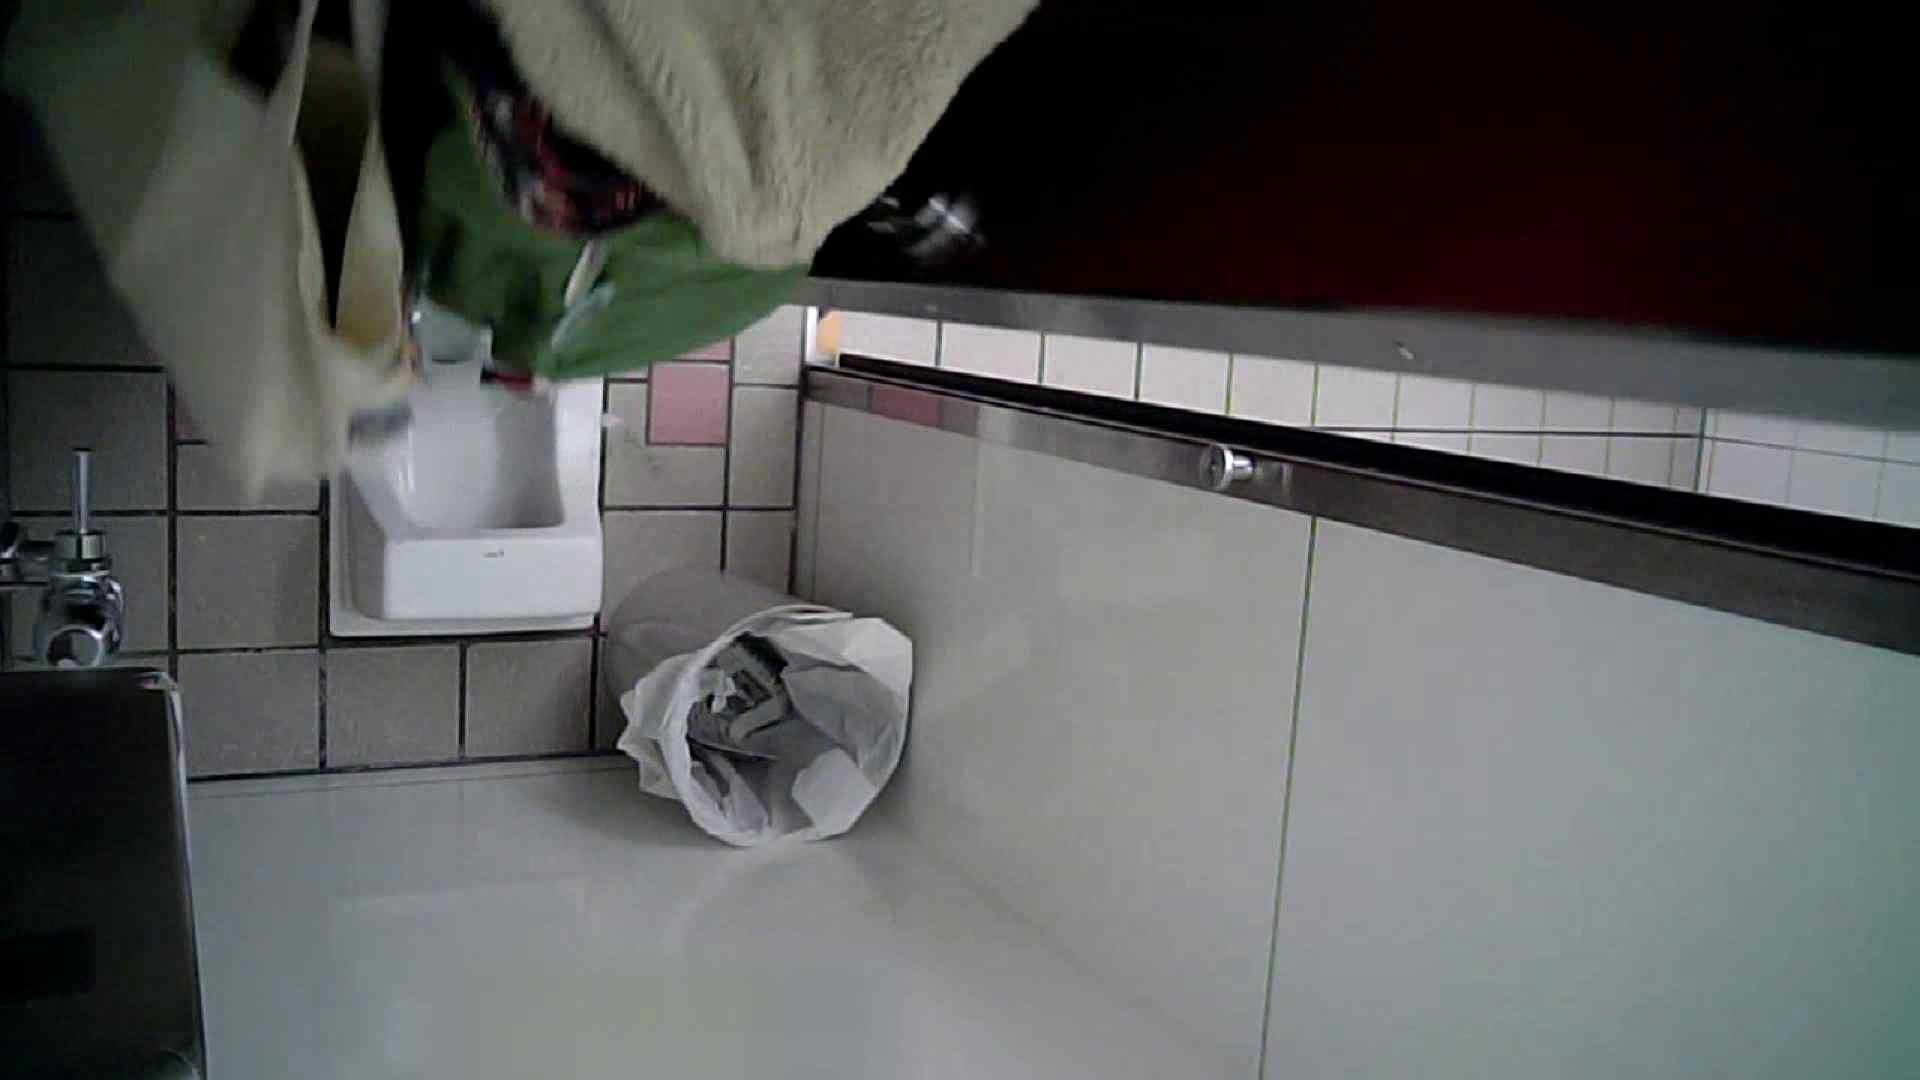 痴態洗面所 Vol.02 マスクが邪魔なんですよ。マスクが・・・。 洗面所 AV無料 52画像 3